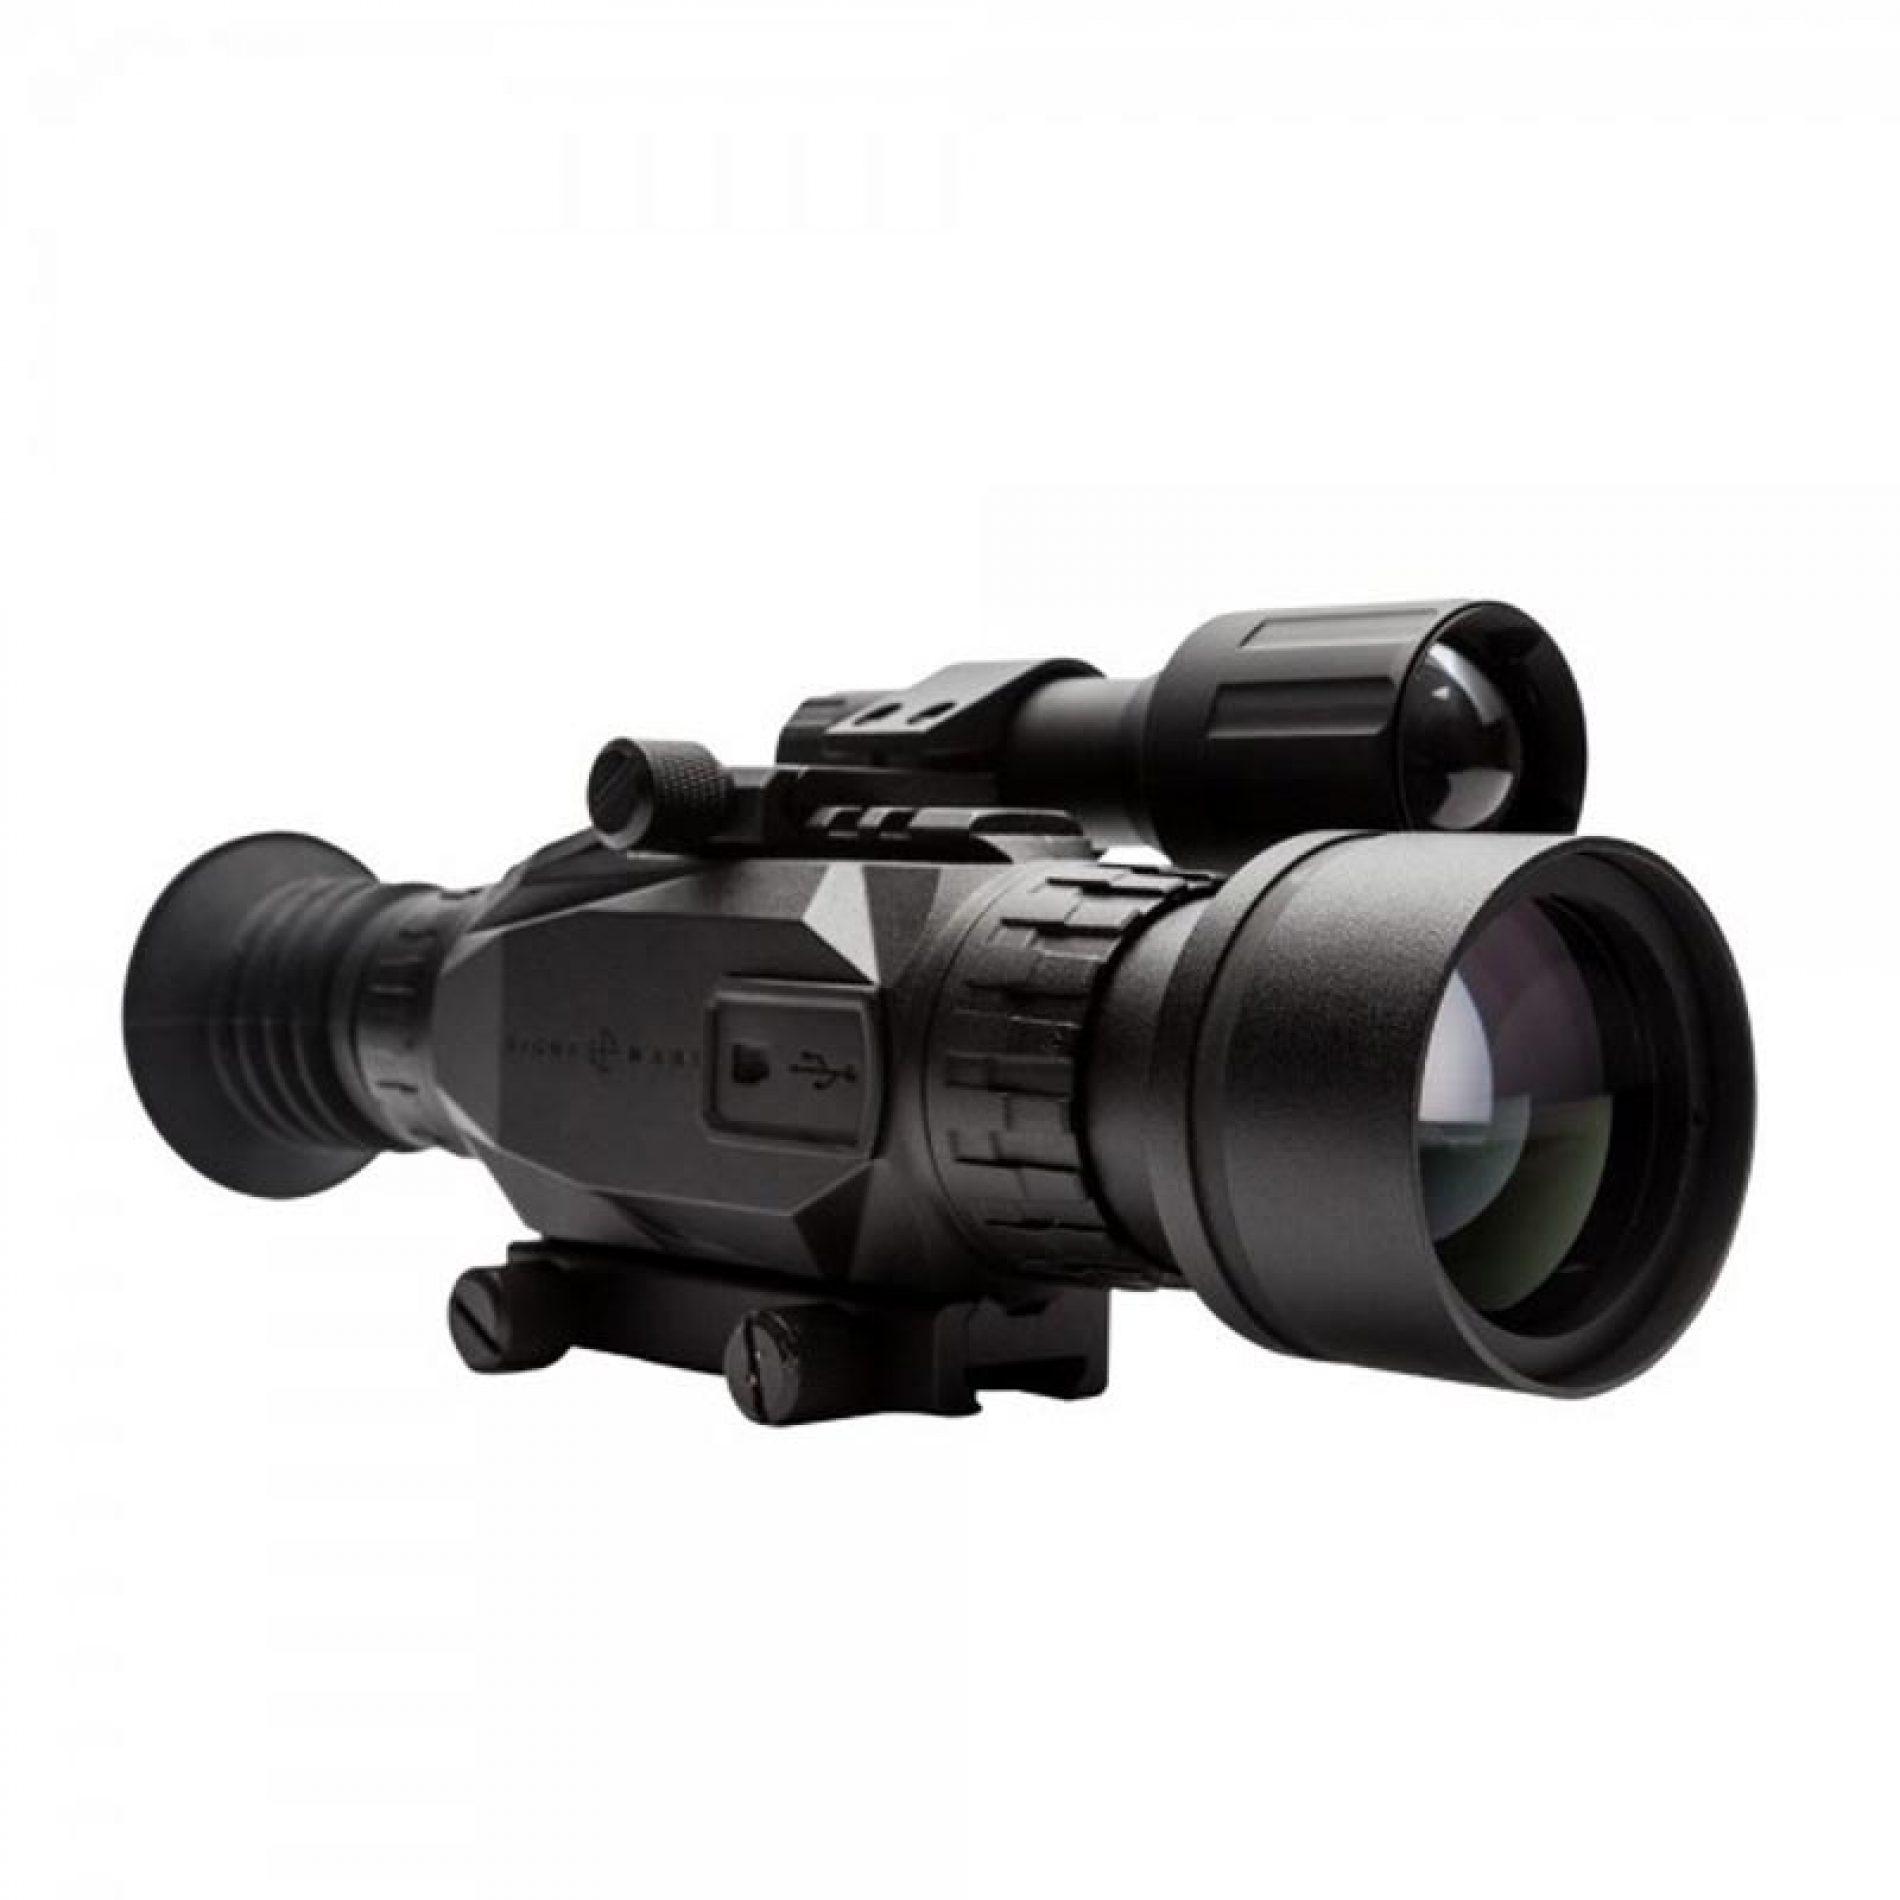 Nuevo visor digital nocturno y diurno Sightmark Wraith HD 4-32X50